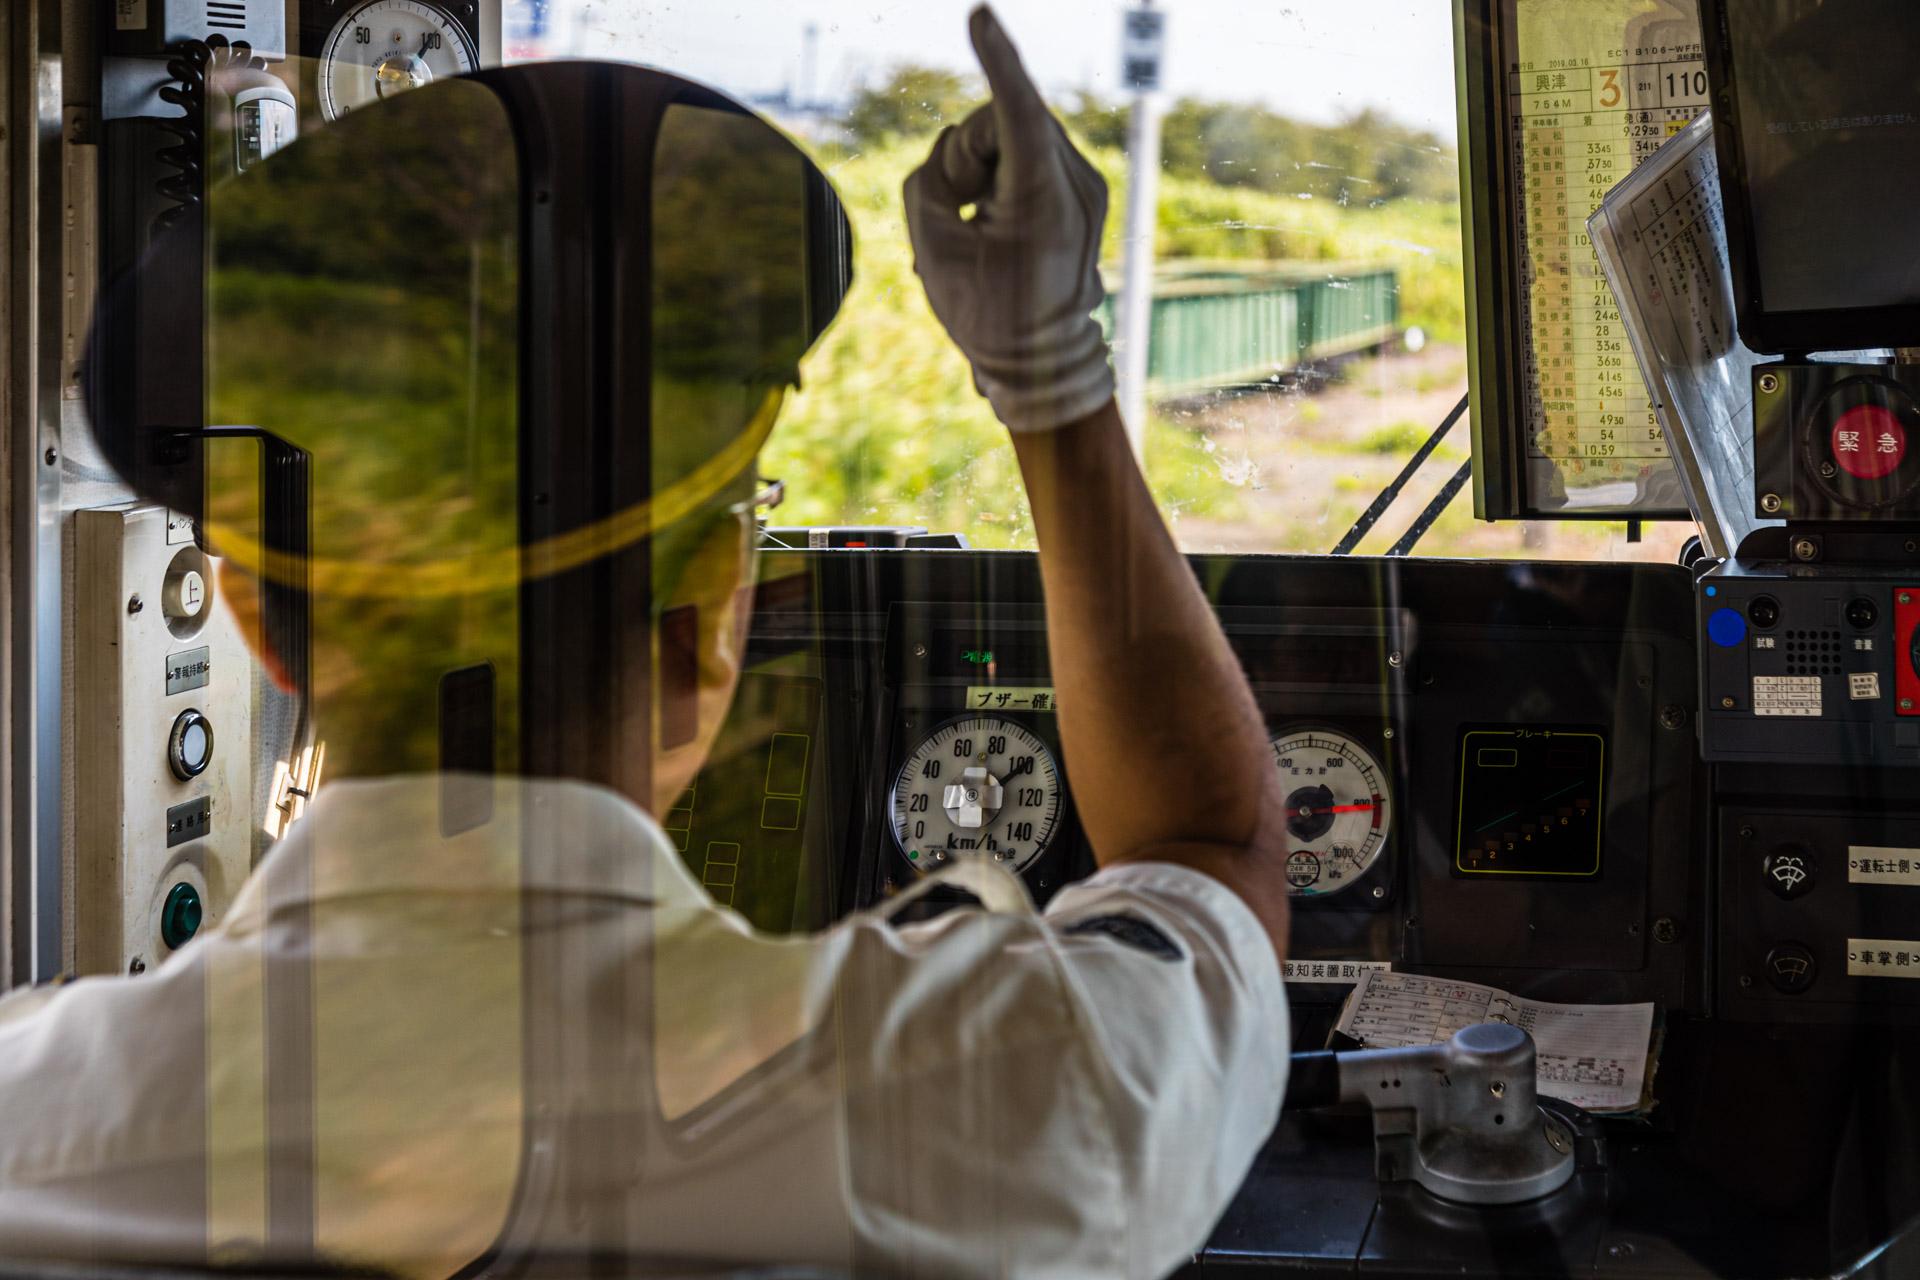 Japanese Train Driver in Hamamatsu, Japan